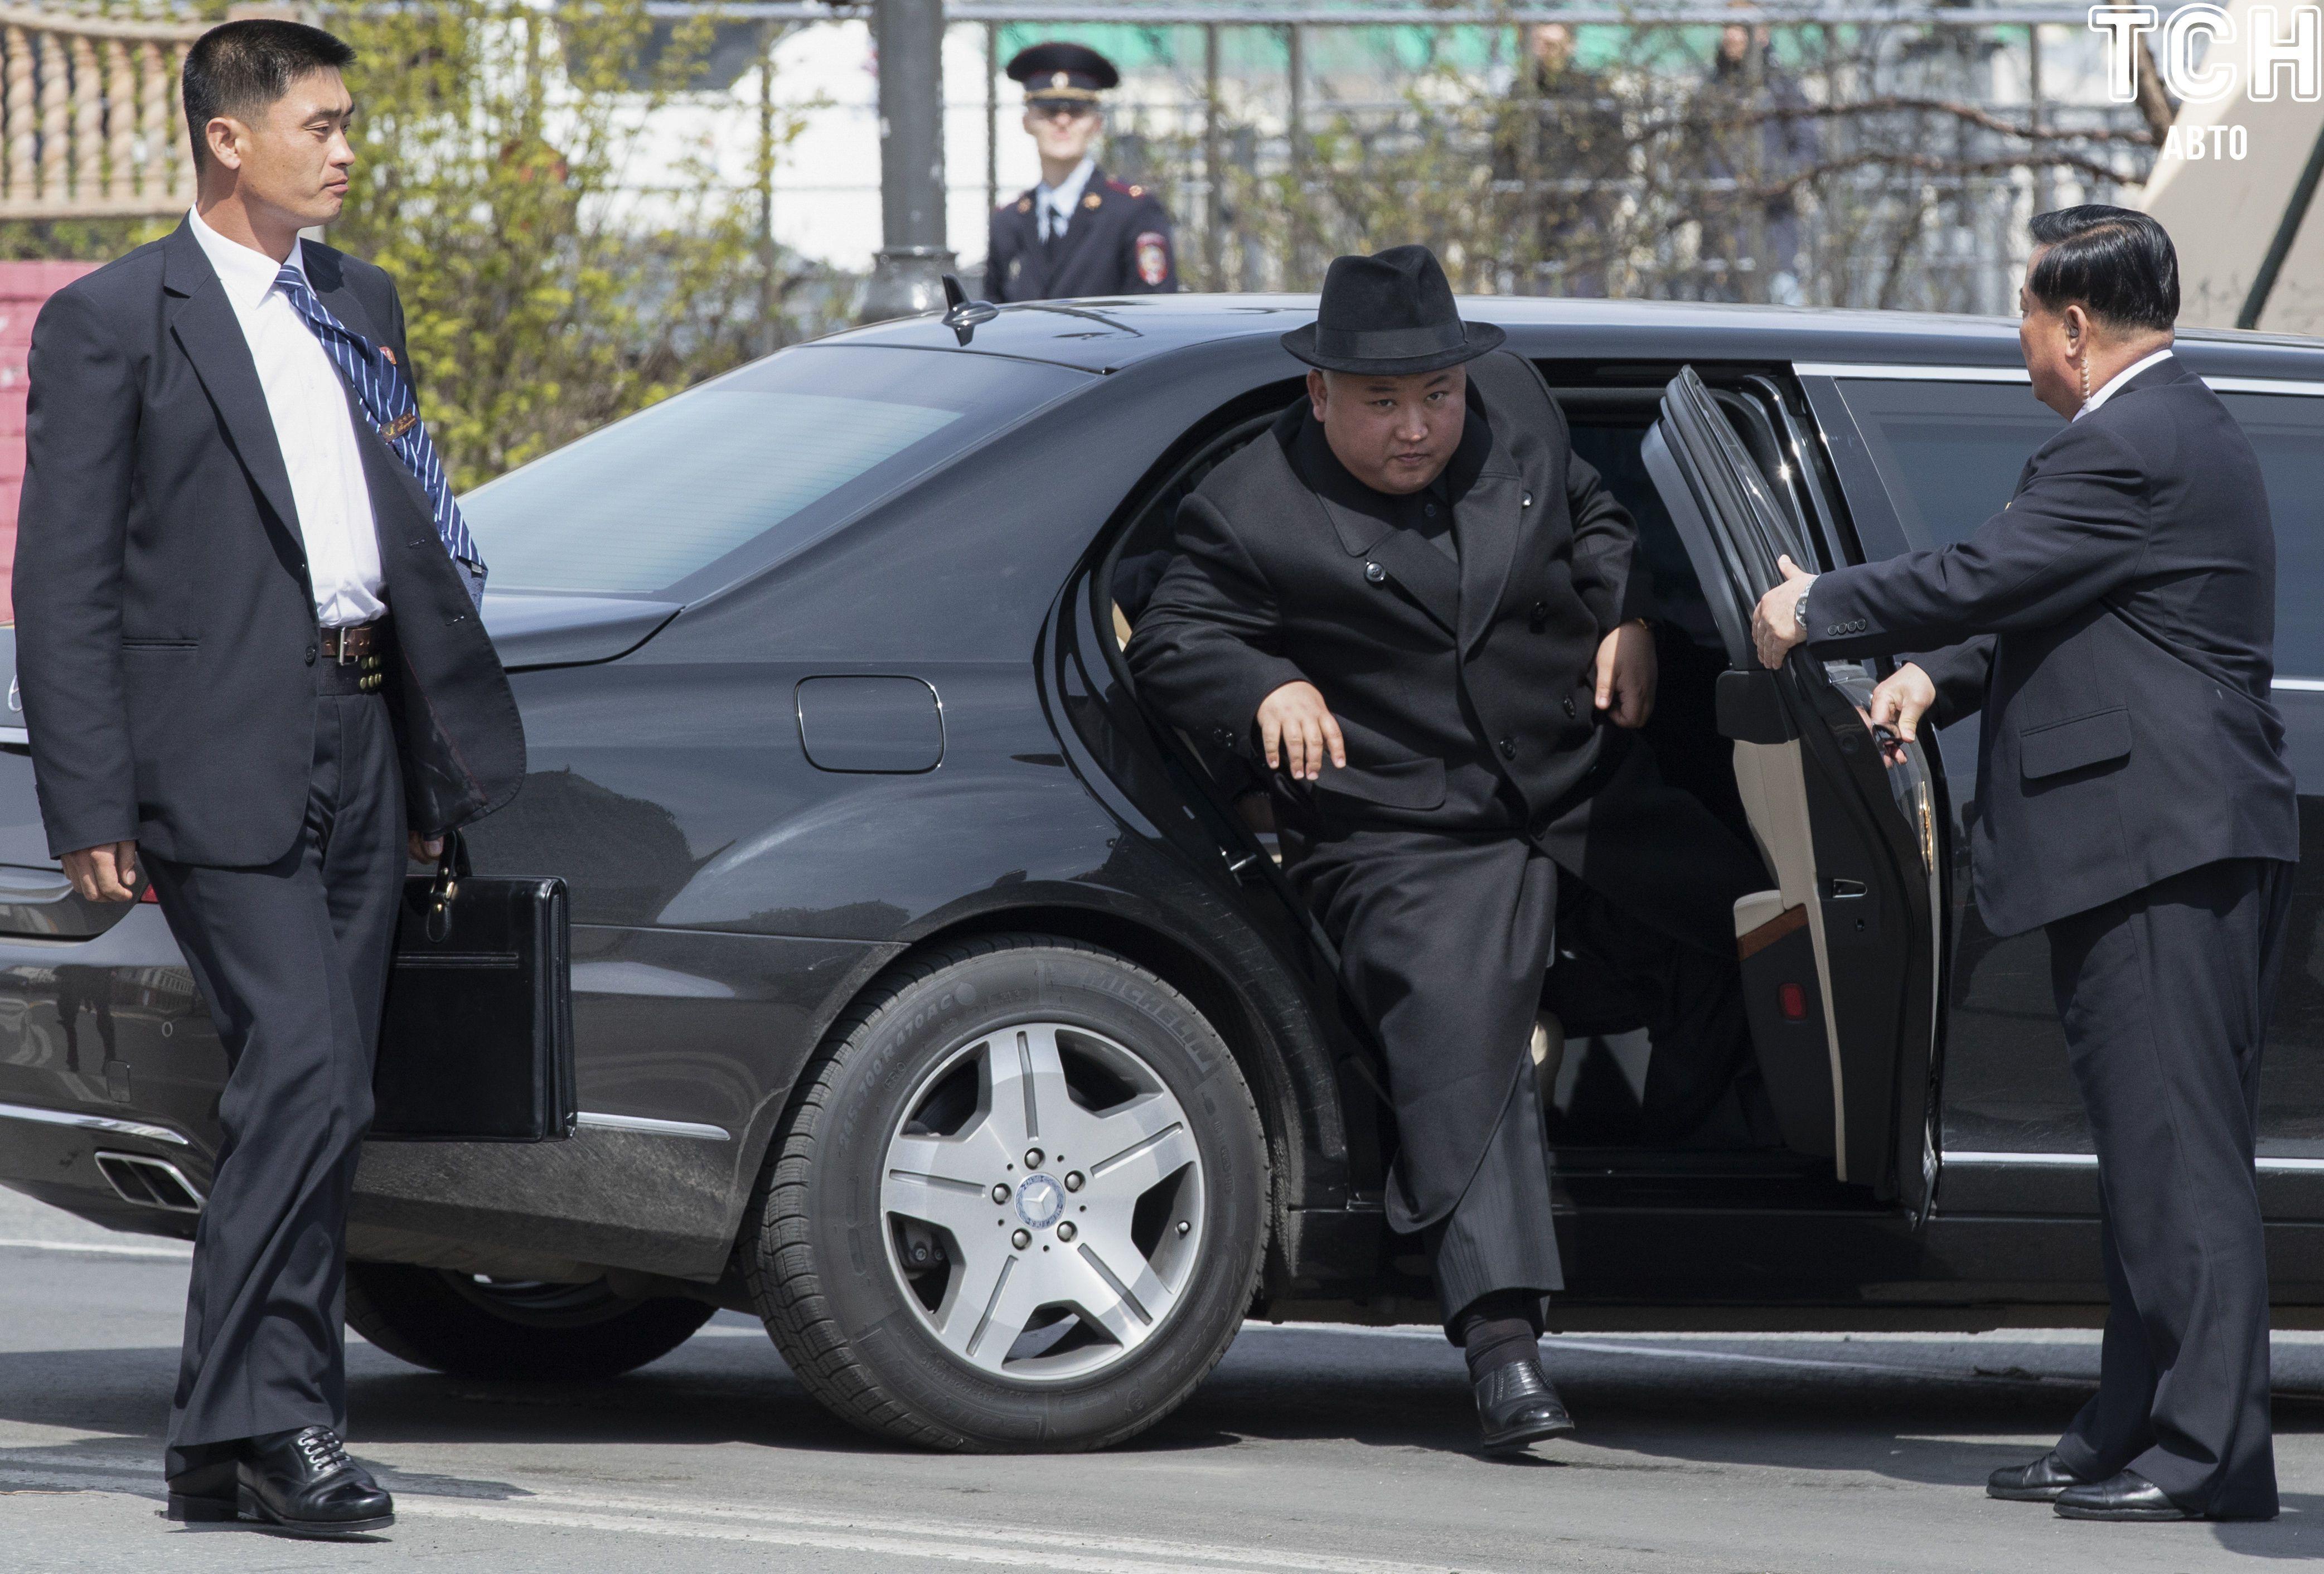 Mercedes-Maybach, которые пренадлежат лидеру КНДР Ким Чен Ыну_4